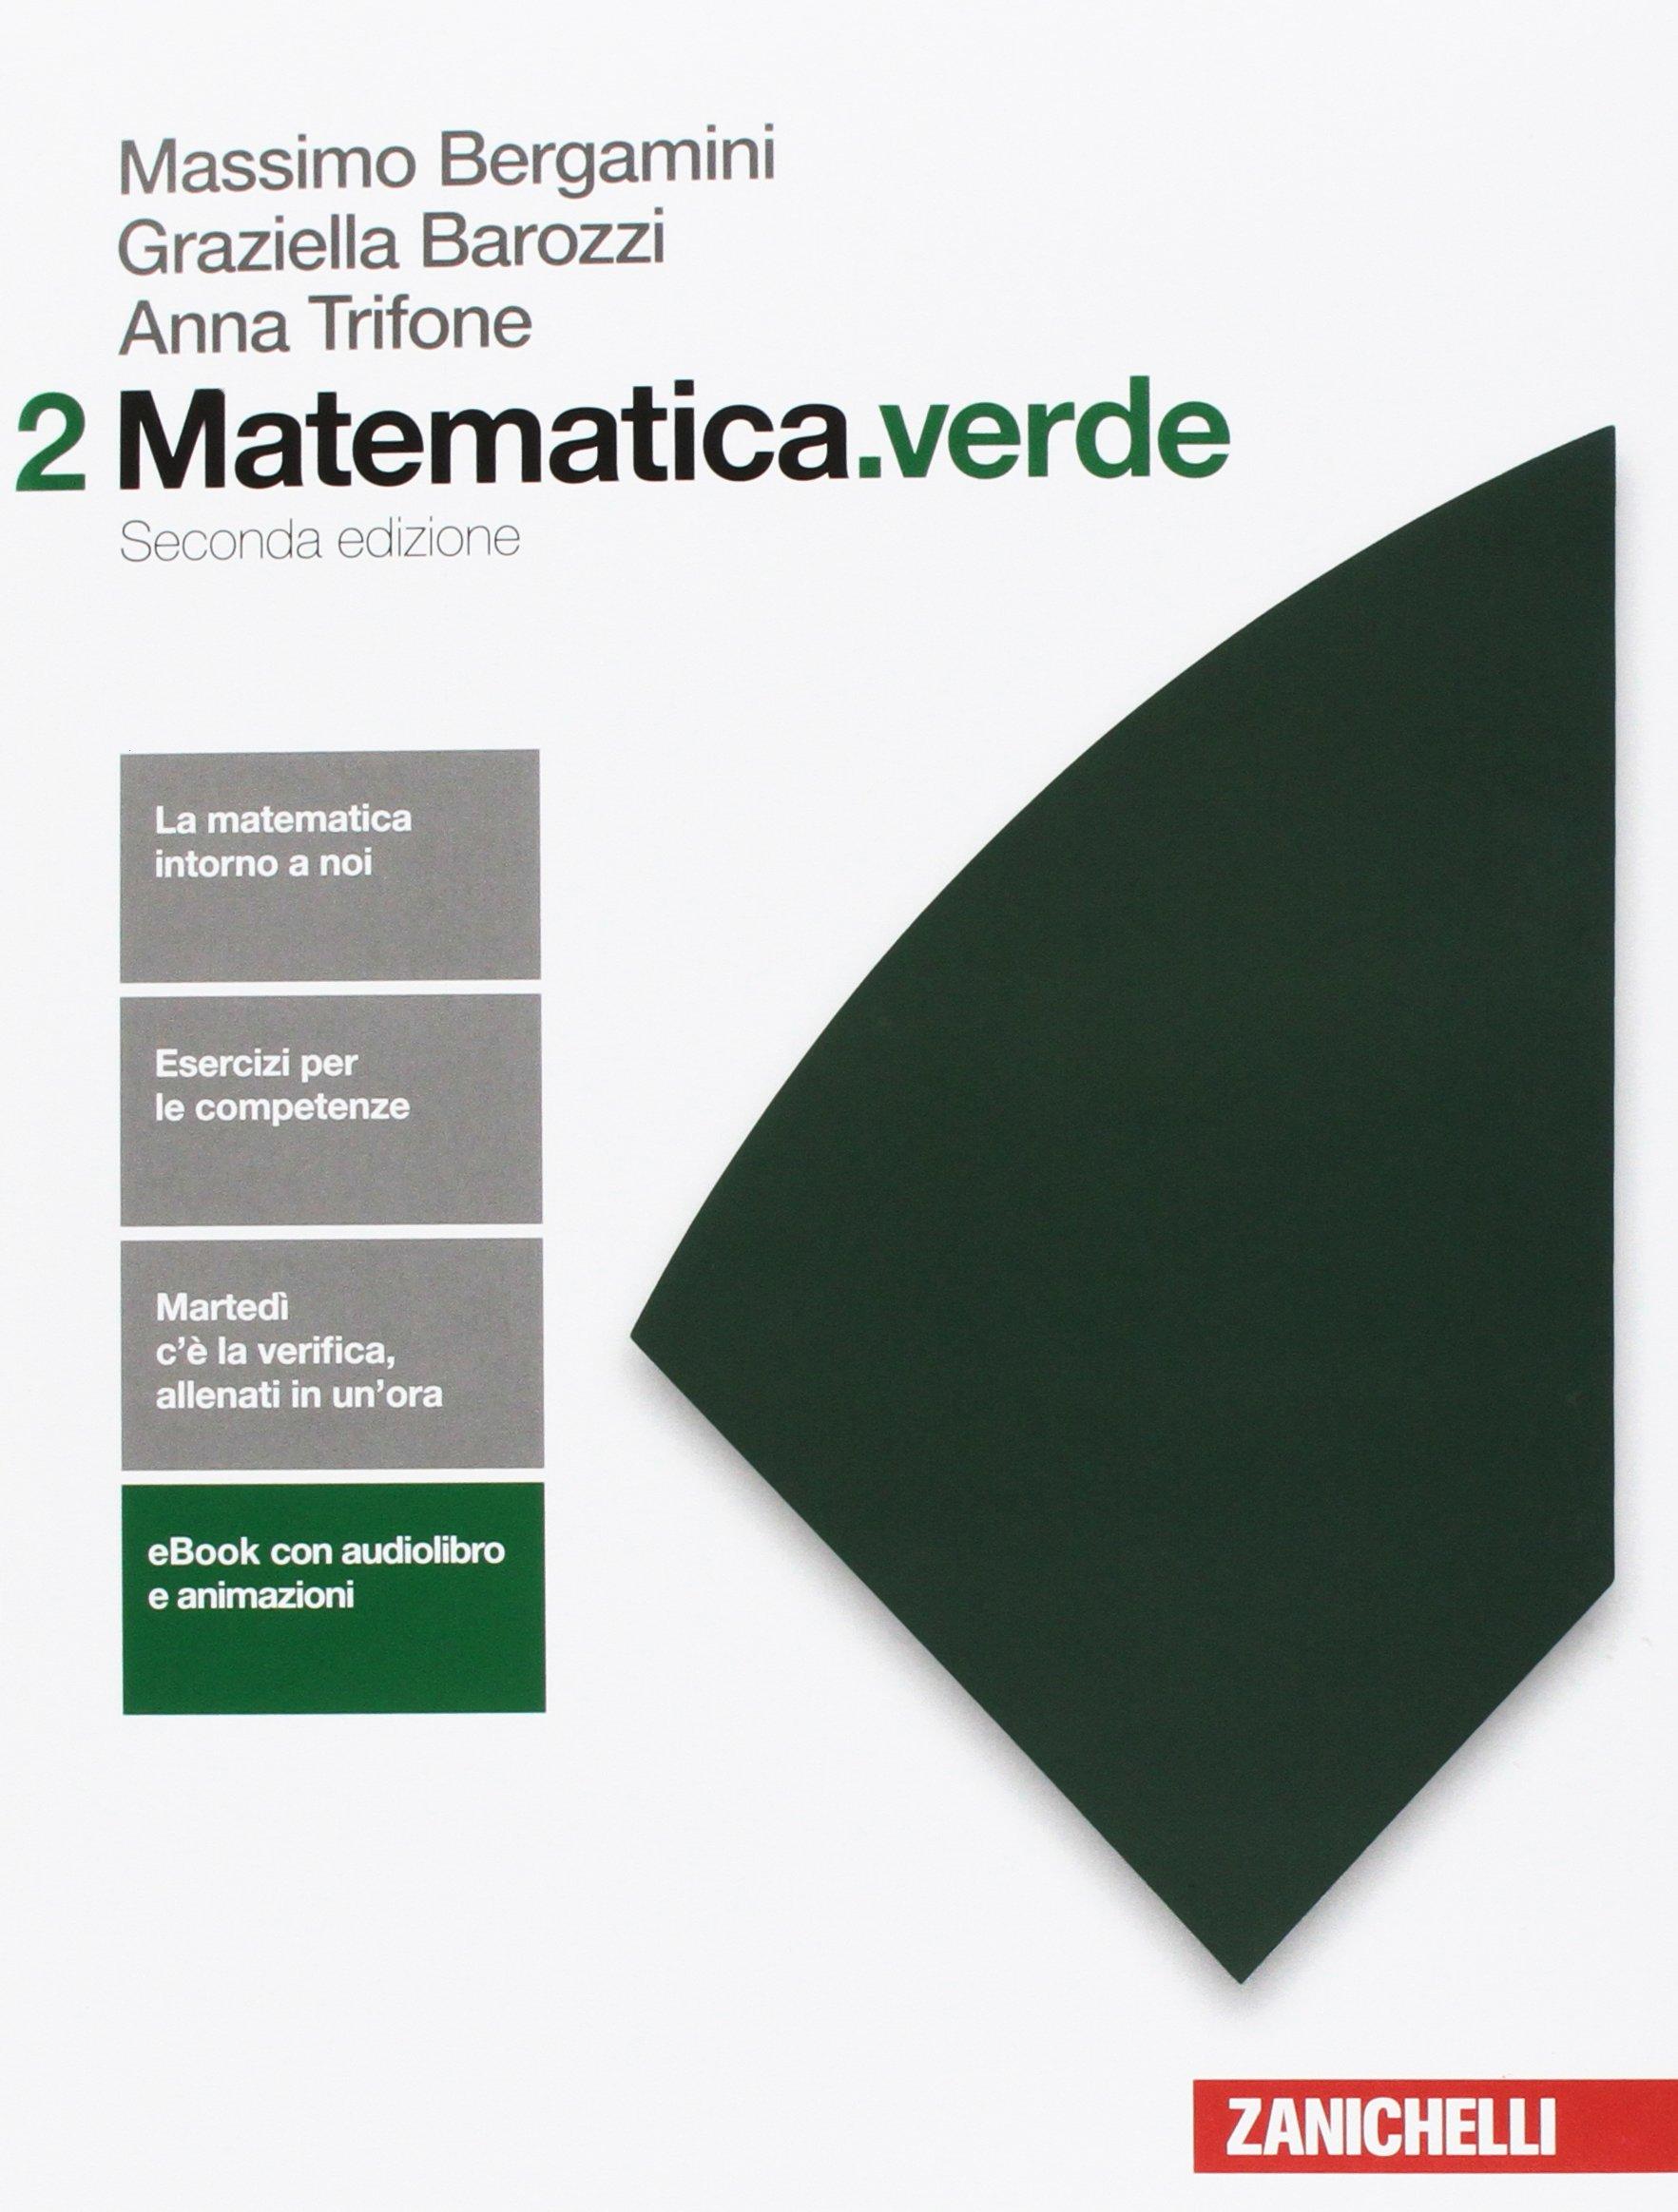 Matematica.verde 2, libro di algebra e geometria scolastico superiori